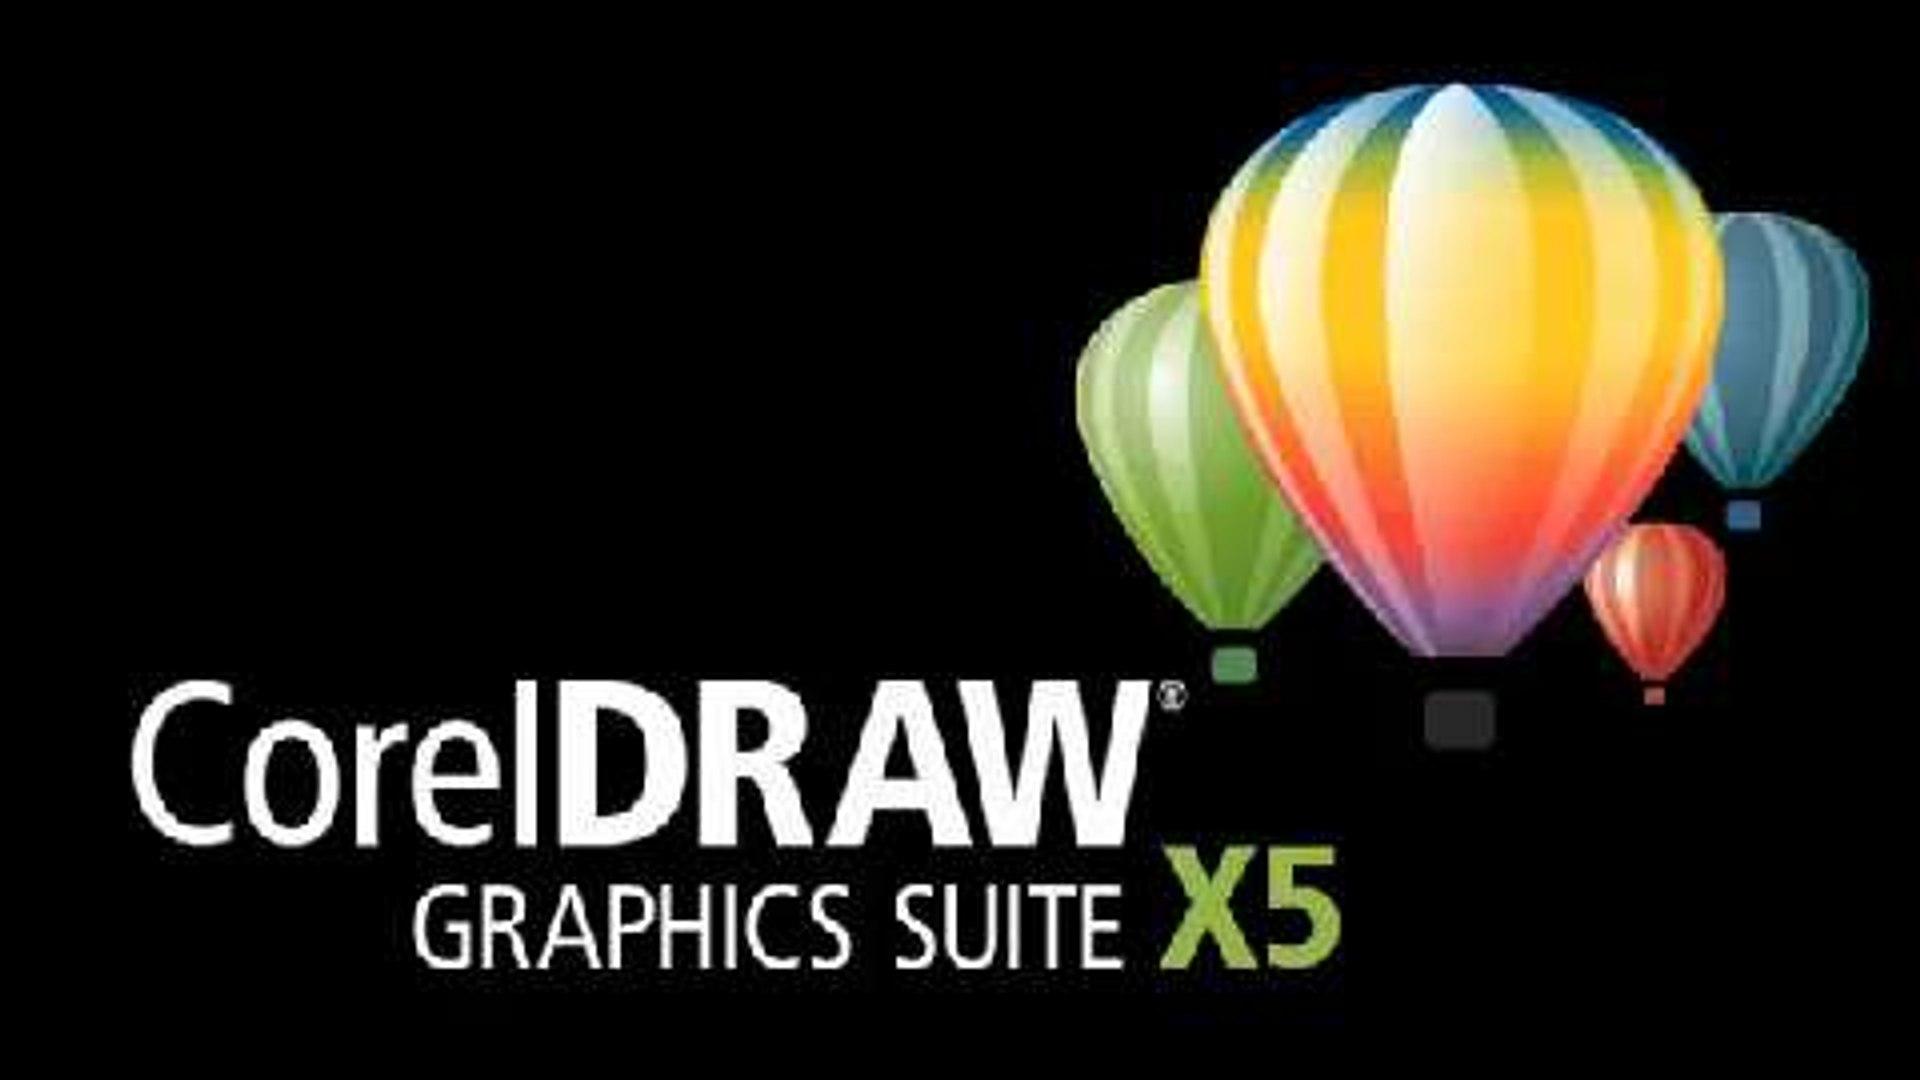 Dando inicio a CorelDraw versión x5